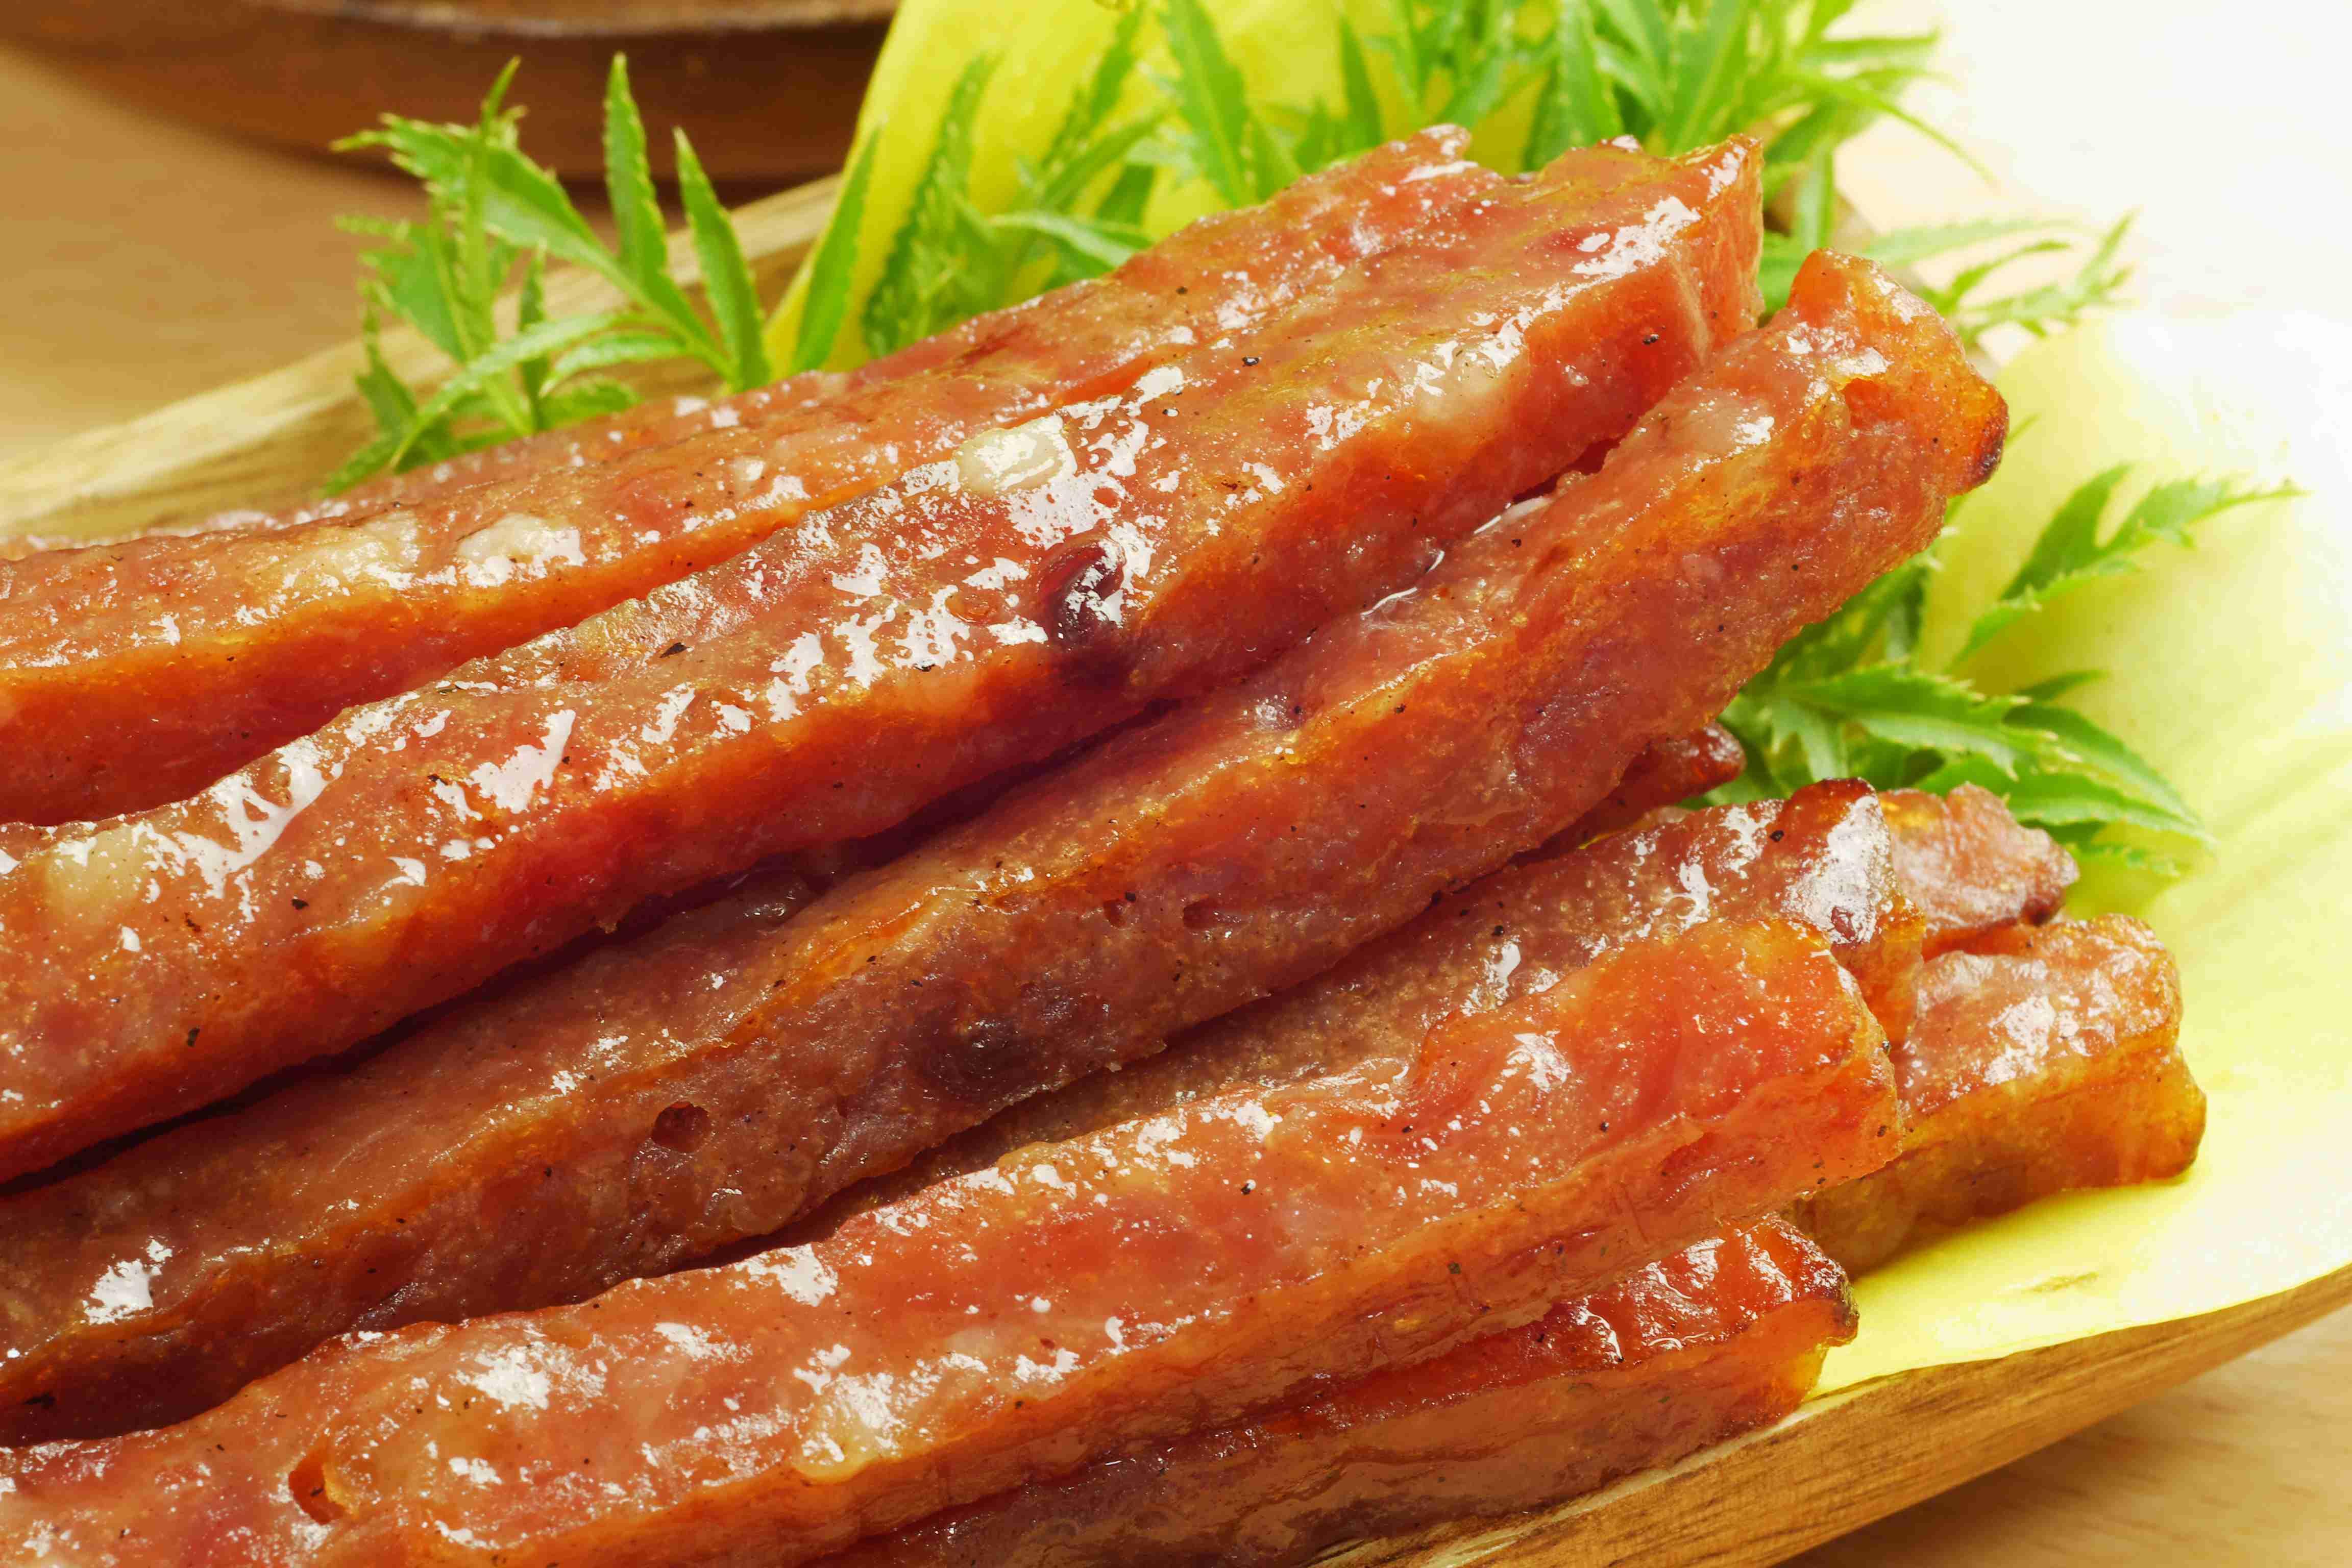 【馬告麻吉】超級筷子肉條隨手包(90g/包)